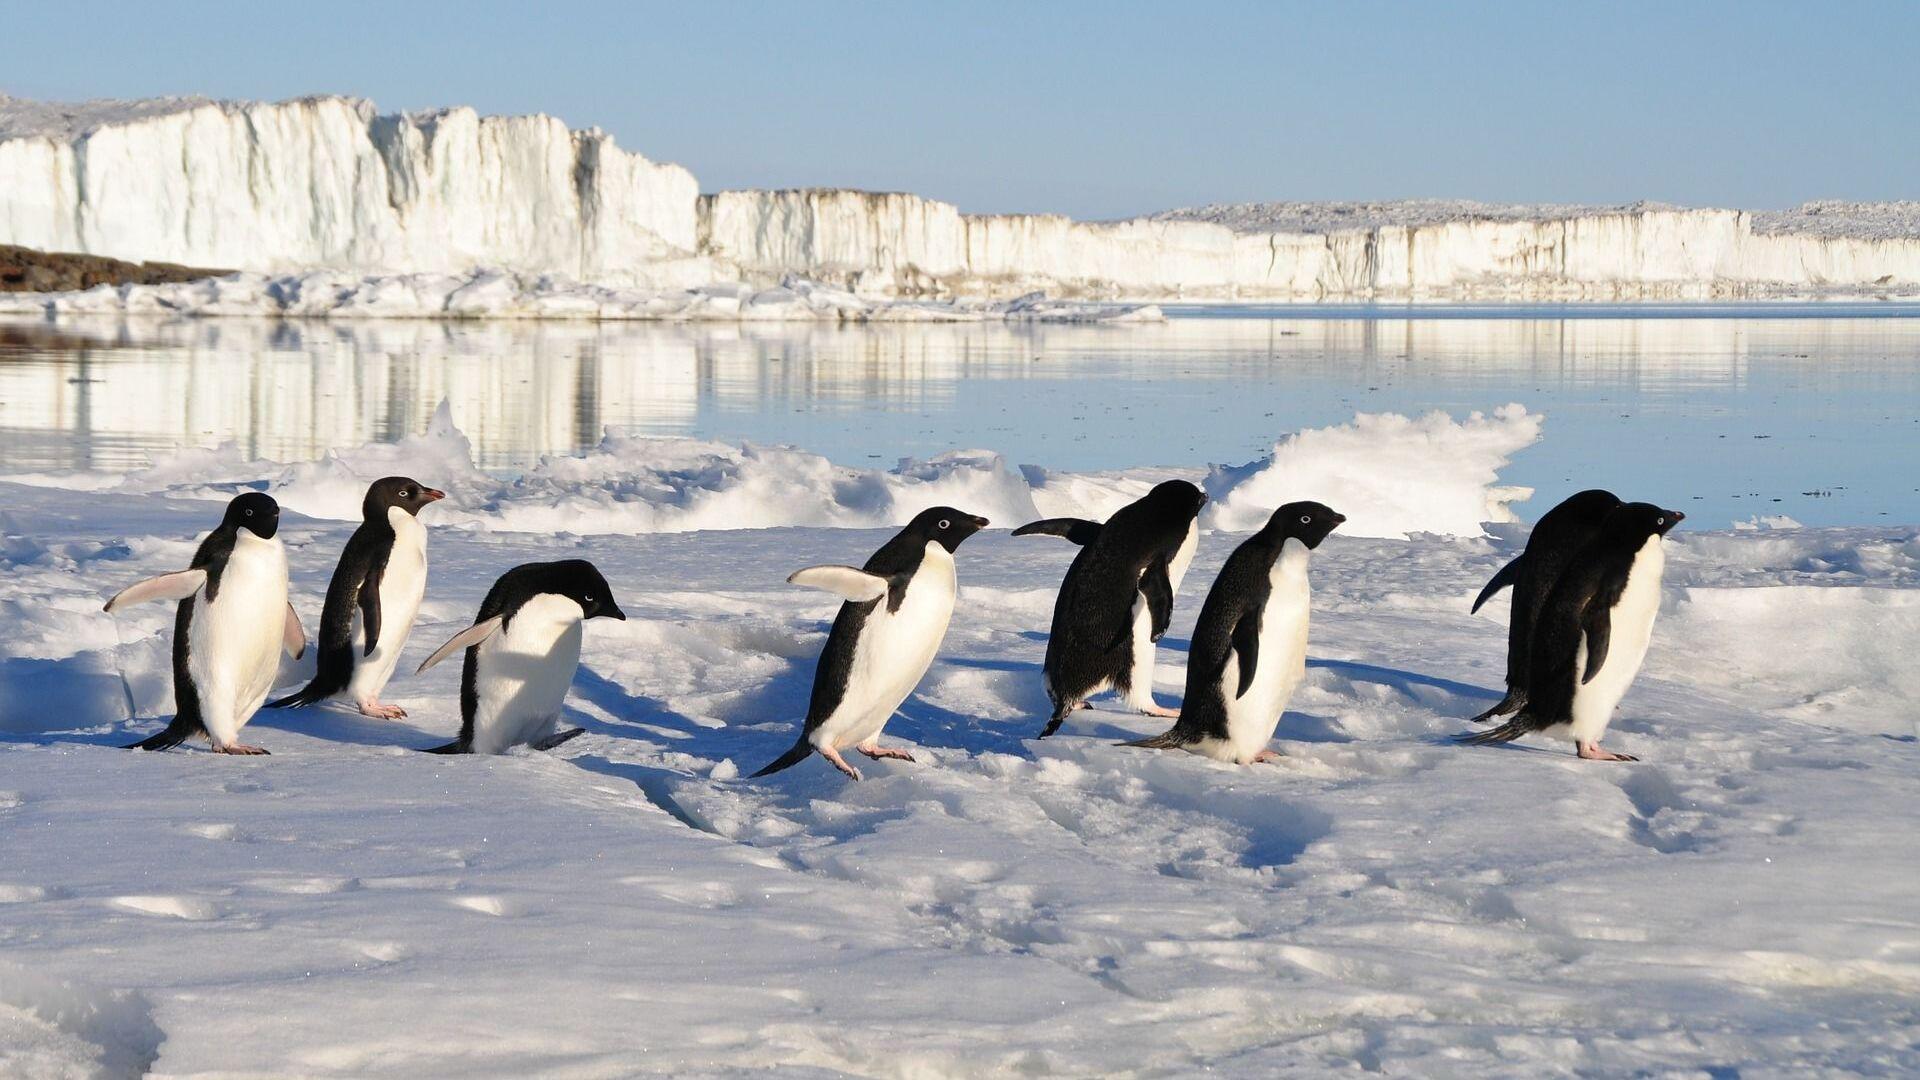 Pinguini (immagine di riferimento) - Sputnik Italia, 1920, 17.07.2021